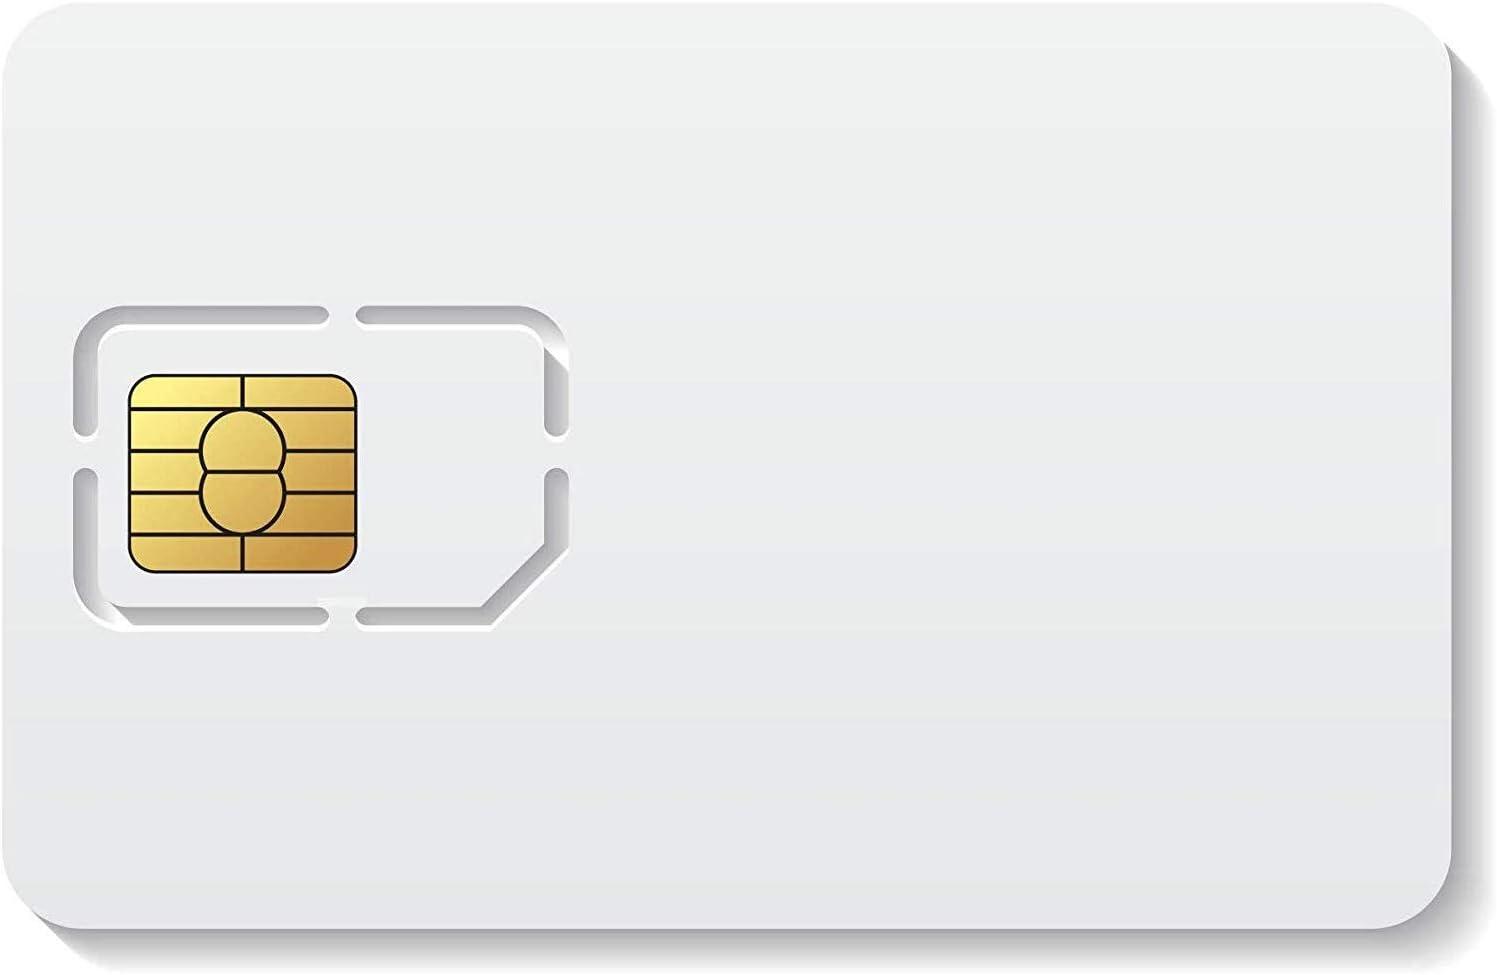 Easy M2M Tarjeta SIM prepago para Dispositivos IoT/M2M (smartwatch, GPS, domótica) | Incluye €10 de Recarga Inicial | Solo para Empresas